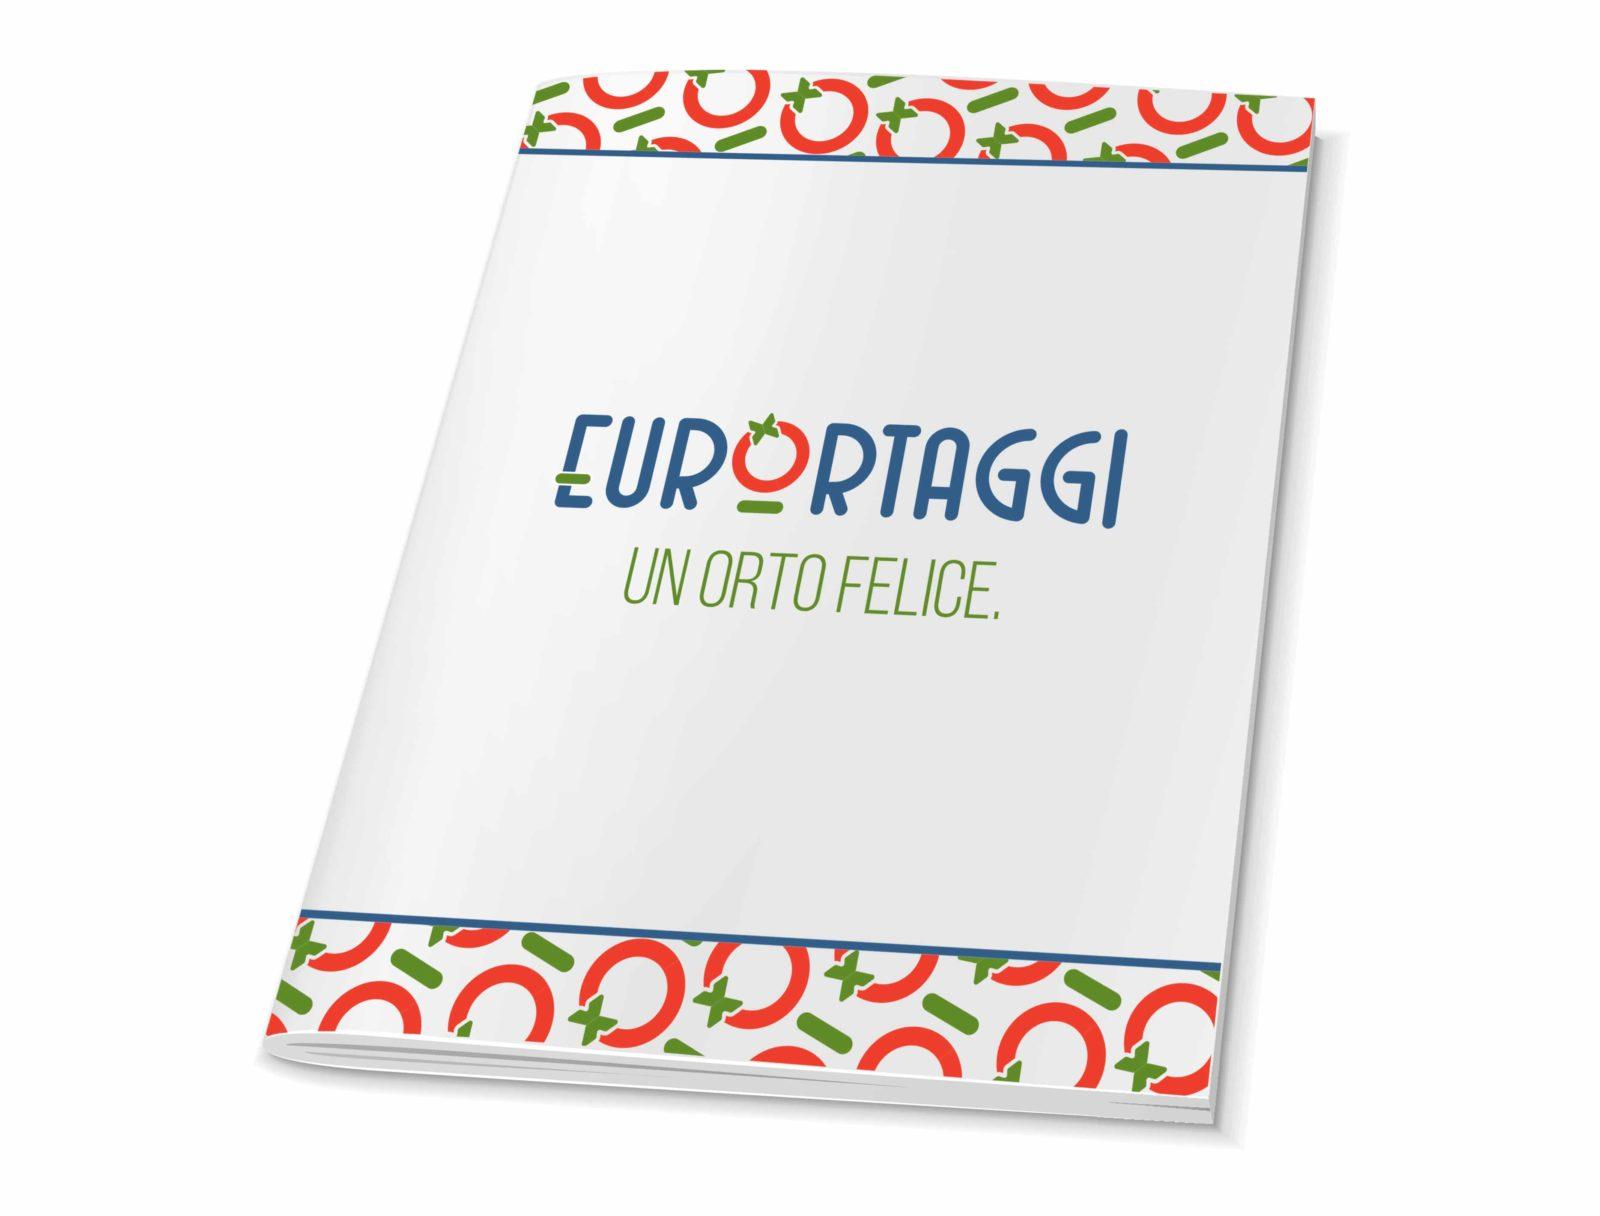 eurortaggi-port